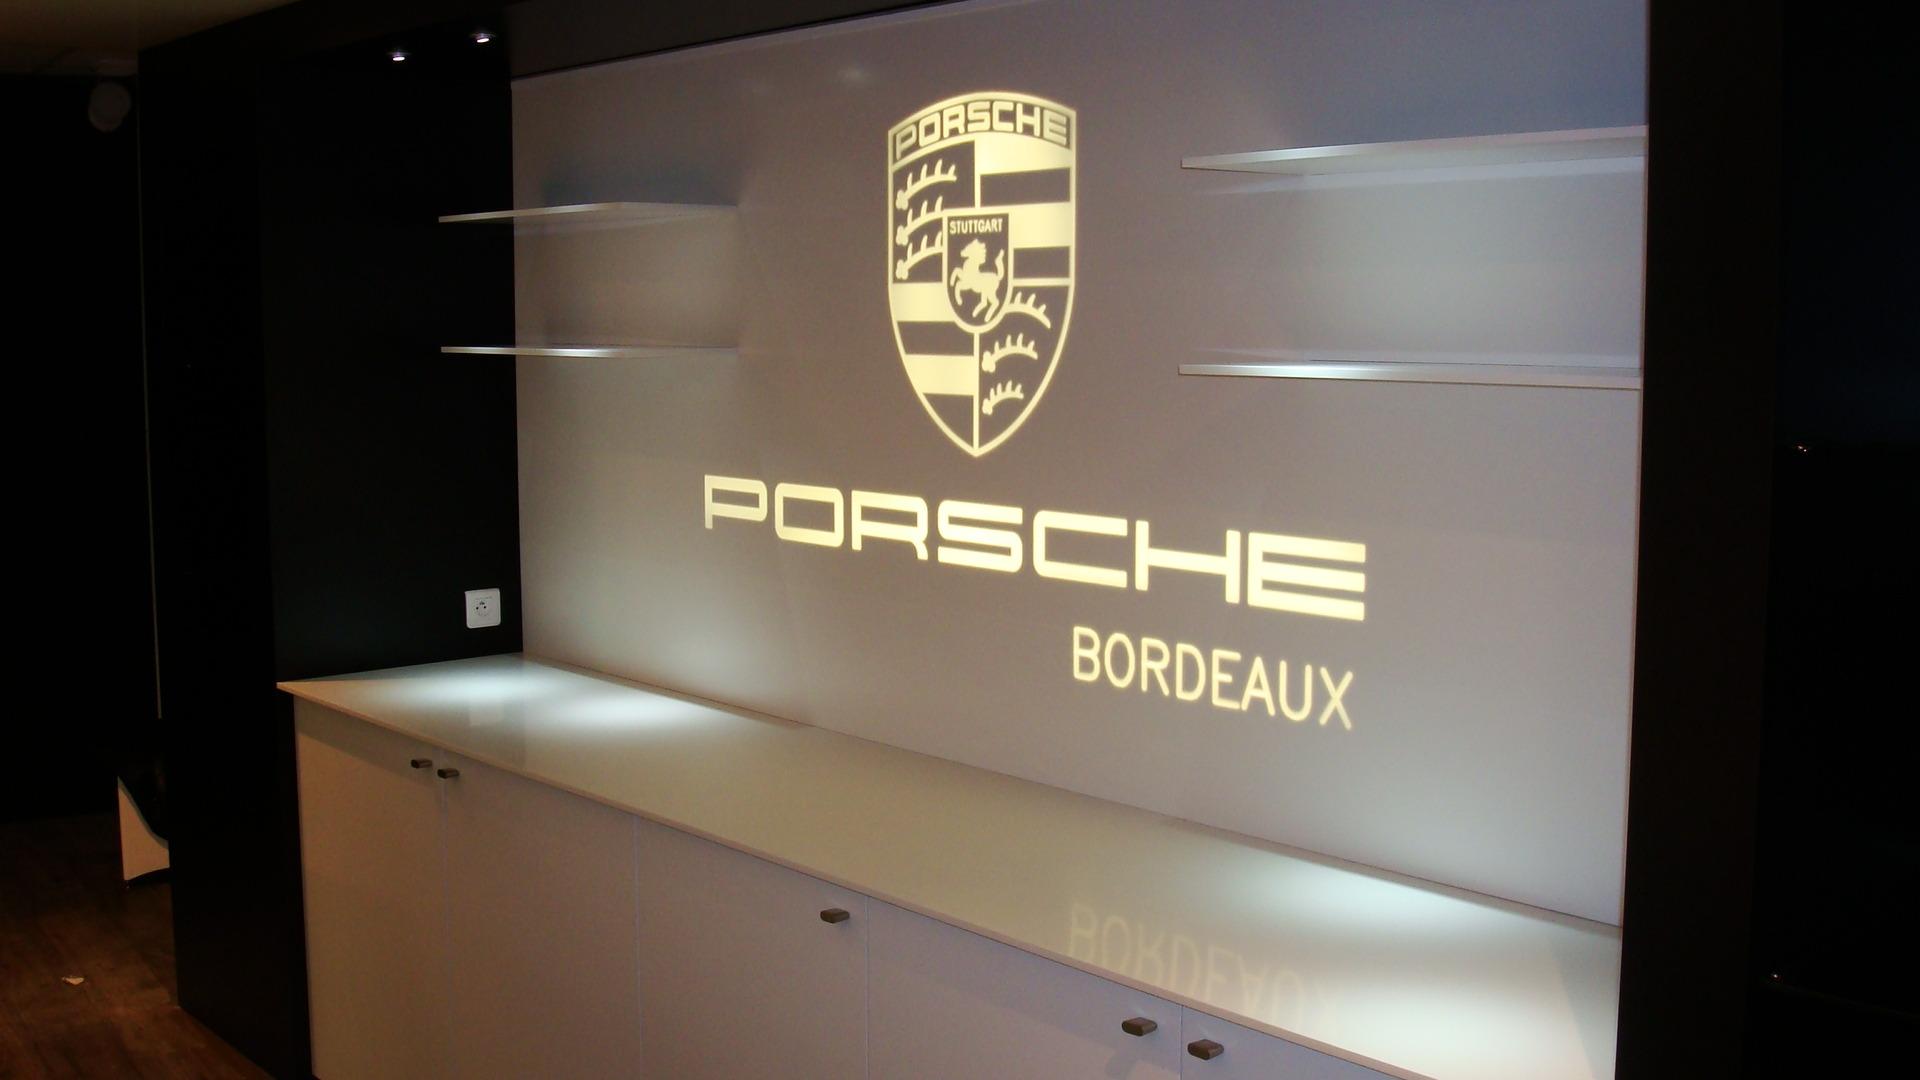 PORSCHE BORDEAUX 2